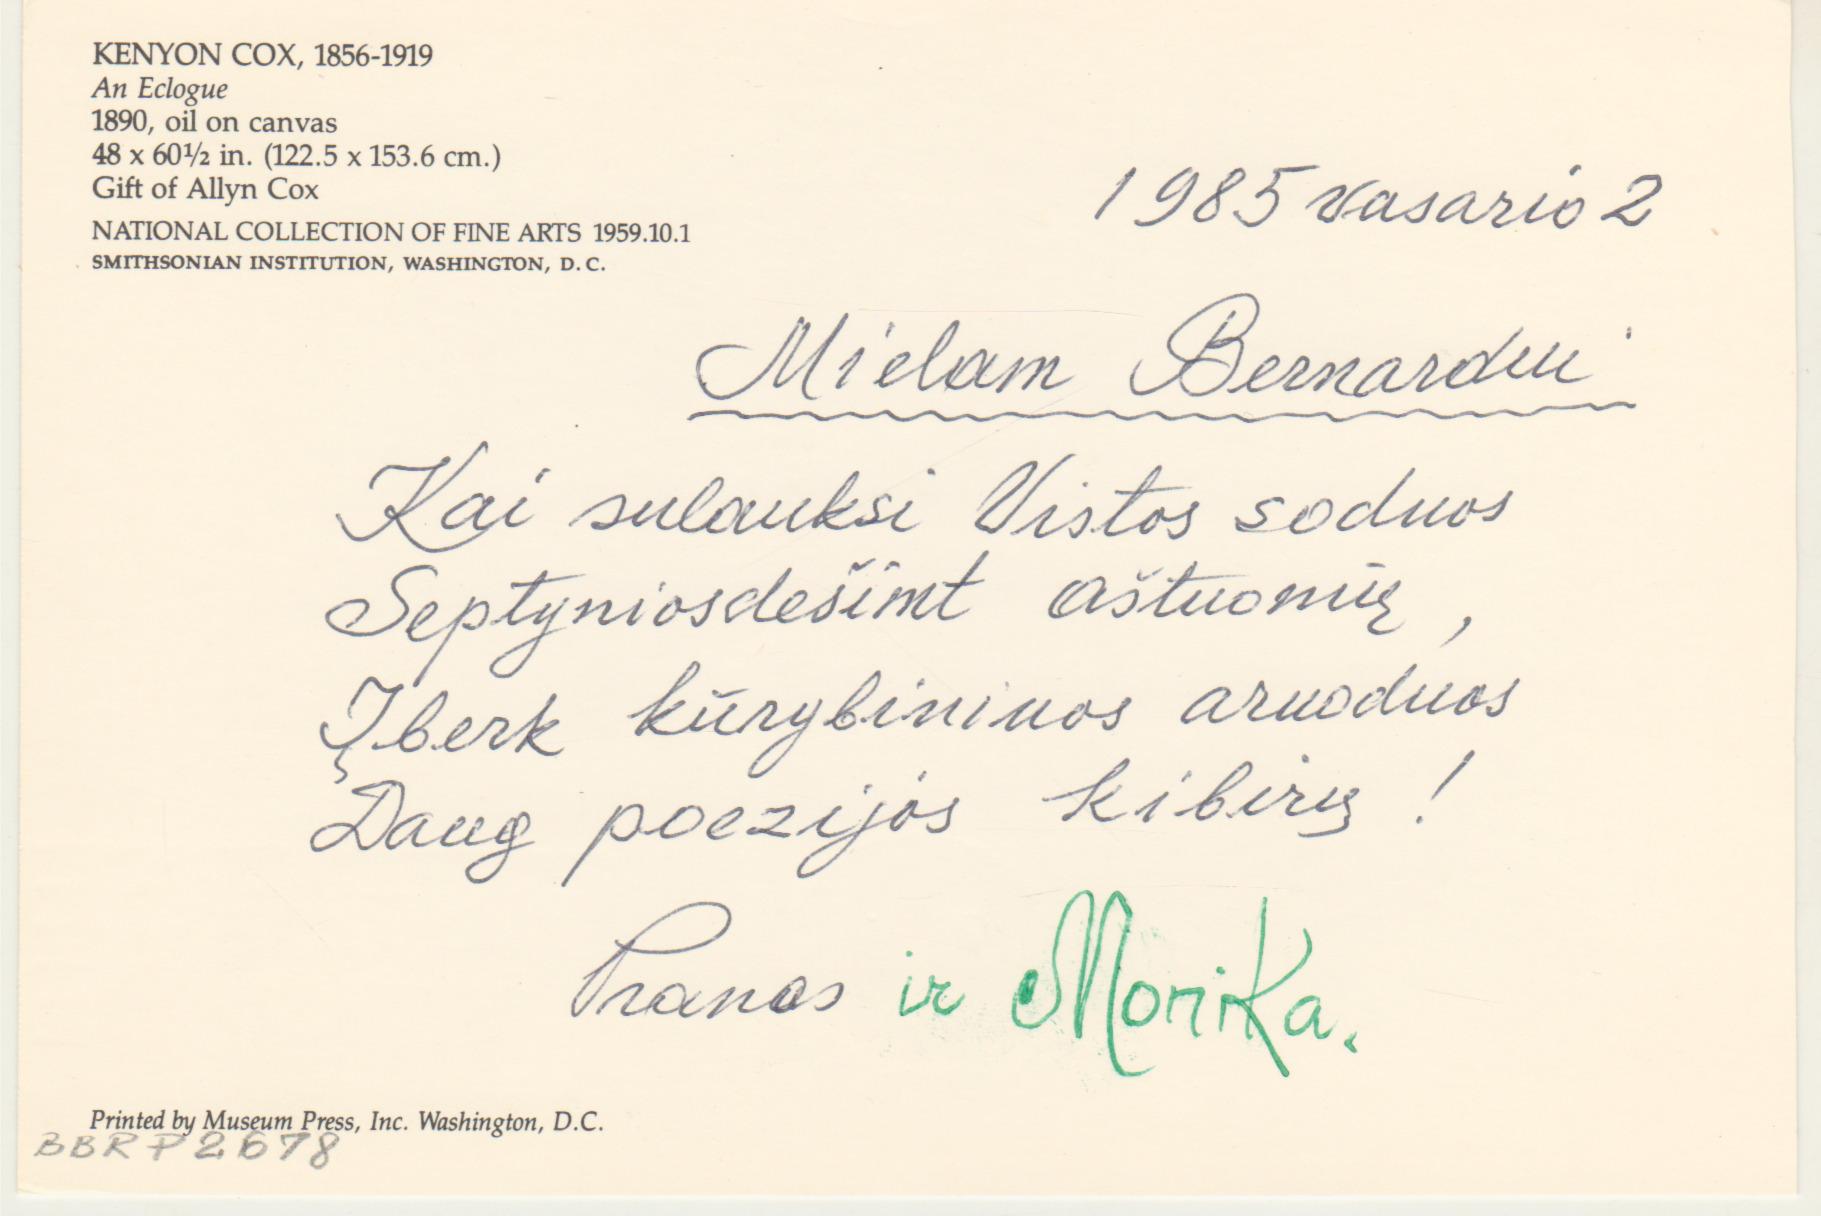 Prano ir Monikos Gasparonių sveikinimas B. Brazdžioniui. 1985 m.